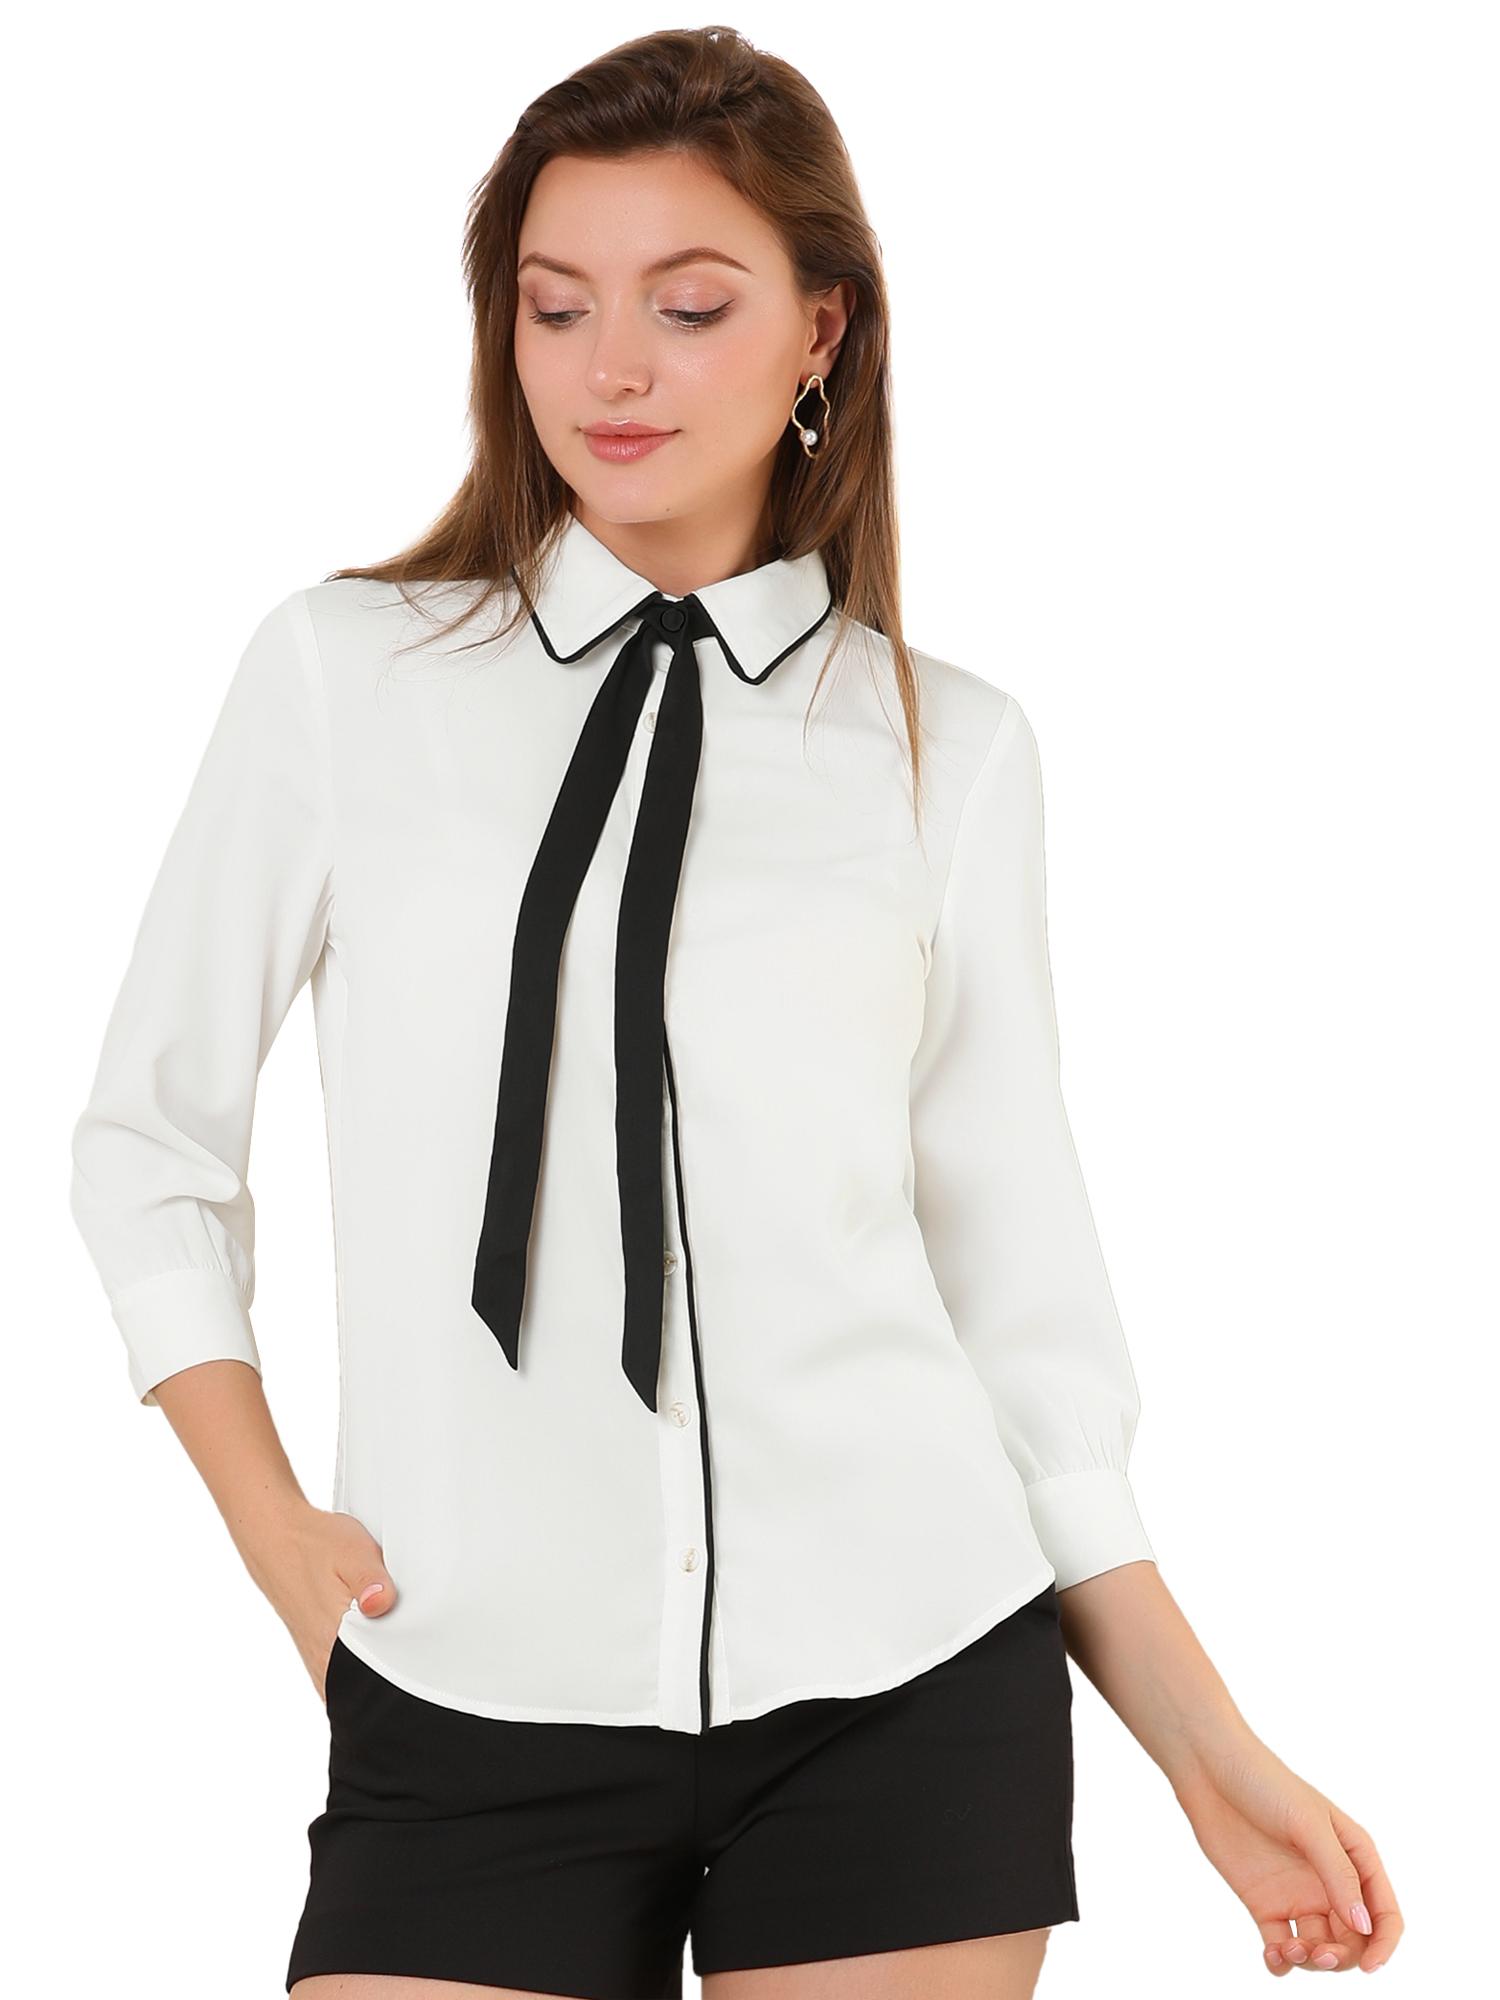 Allegra K Women's Work Elegant Tie Neck Blouse Button Up Shirt White XL